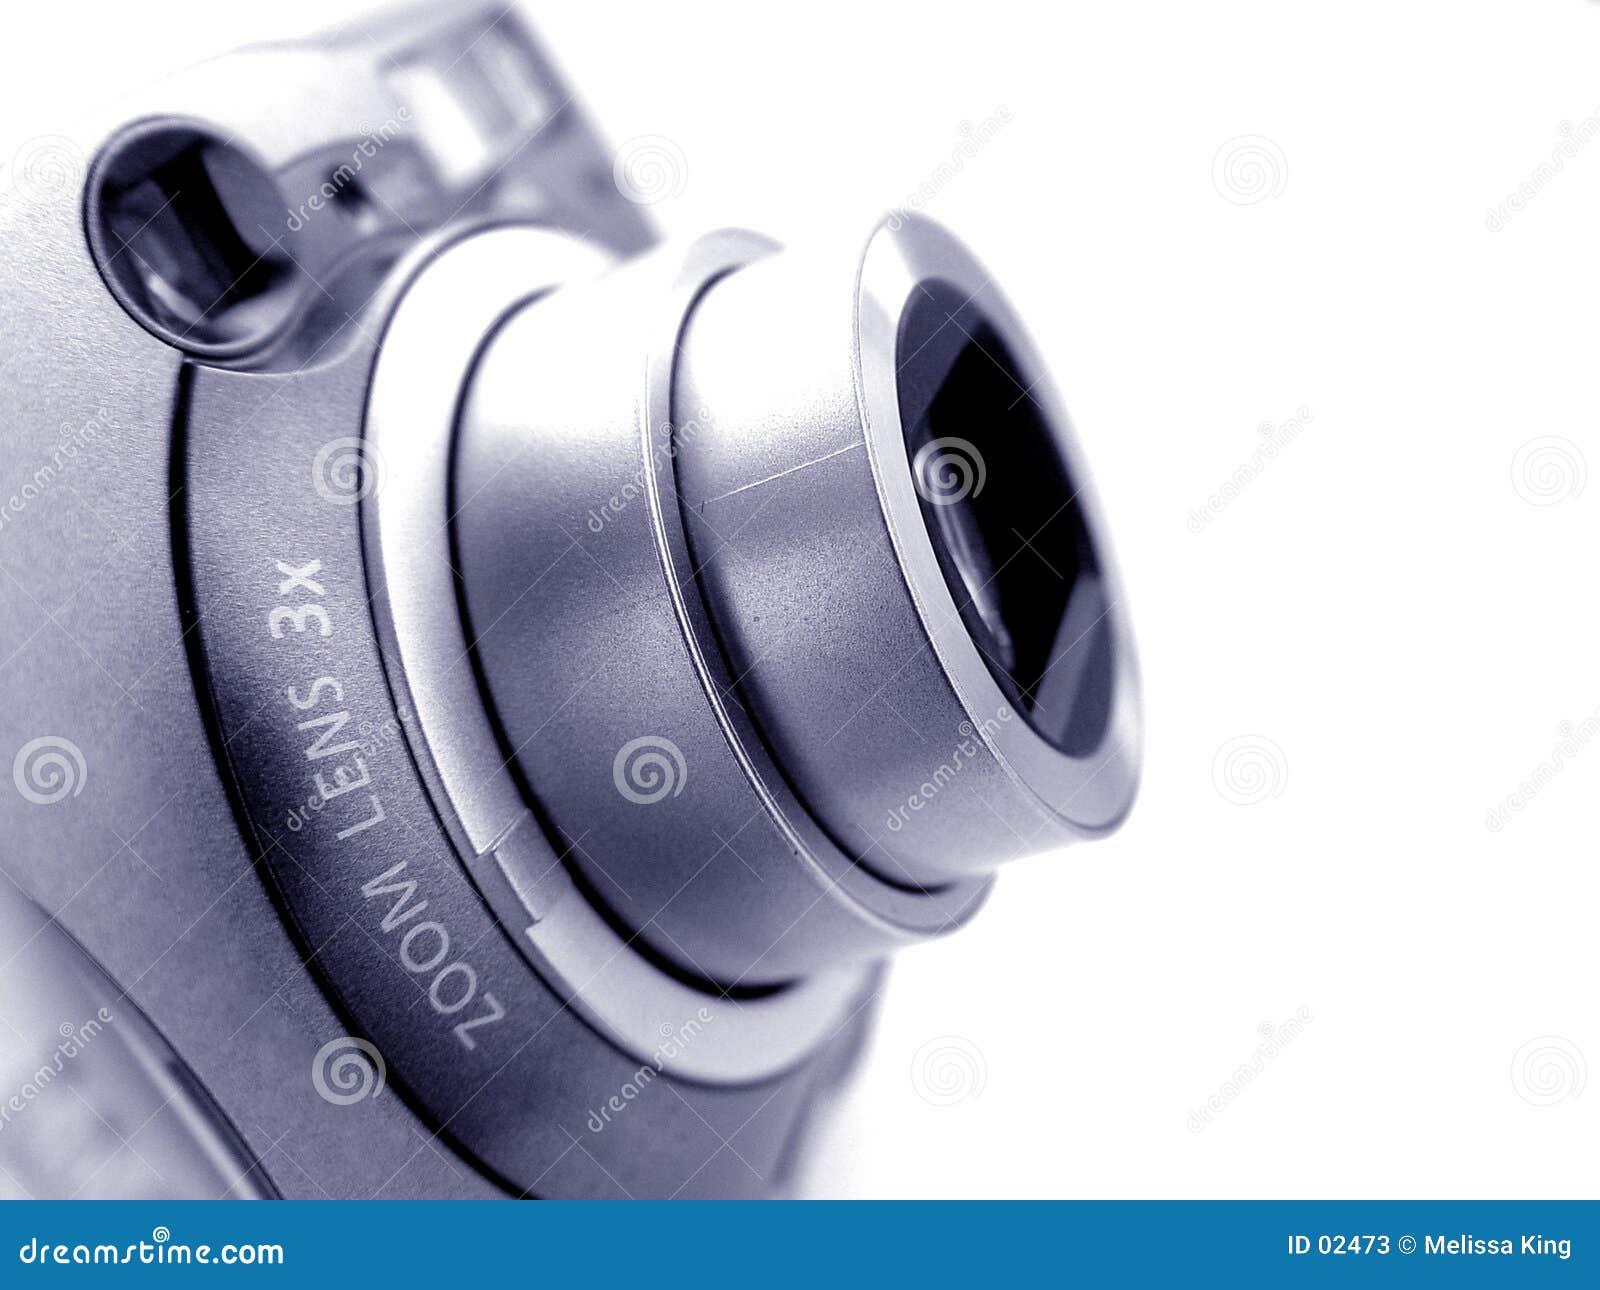 ζουμ φωτογραφικών μηχανών len